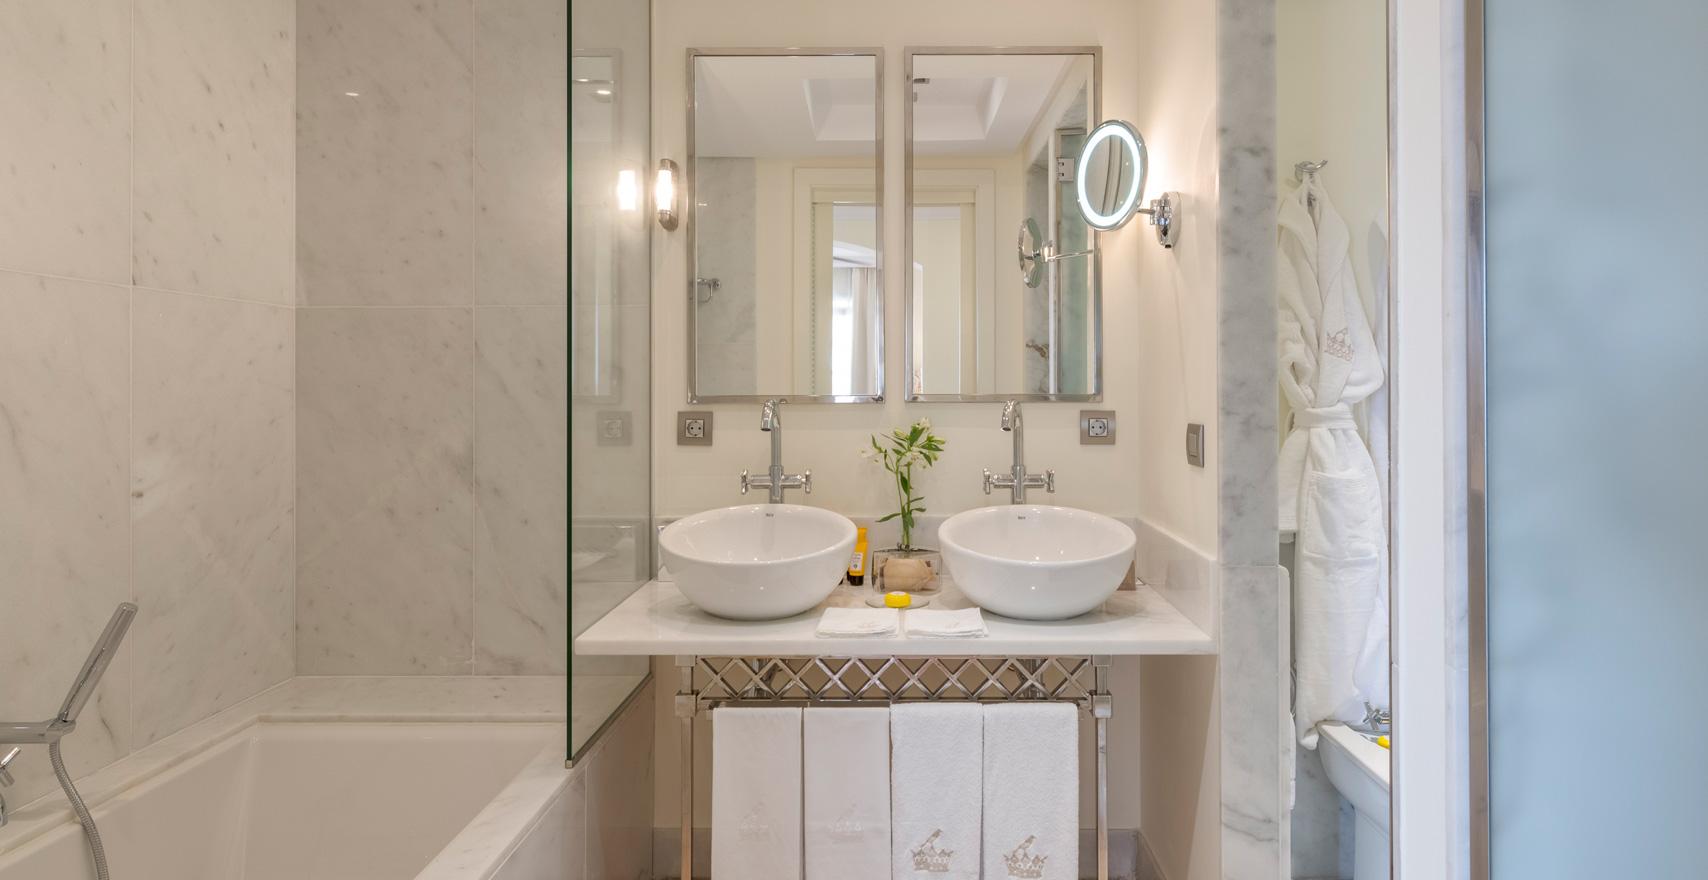 Suite Casas Ducales bathroom